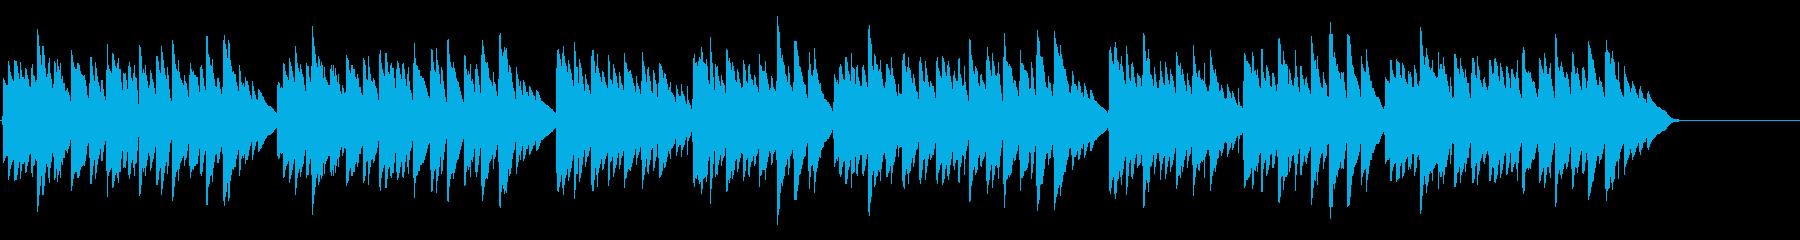 キラキラ星変奏曲(Var Ⅲ)オルゴールの再生済みの波形